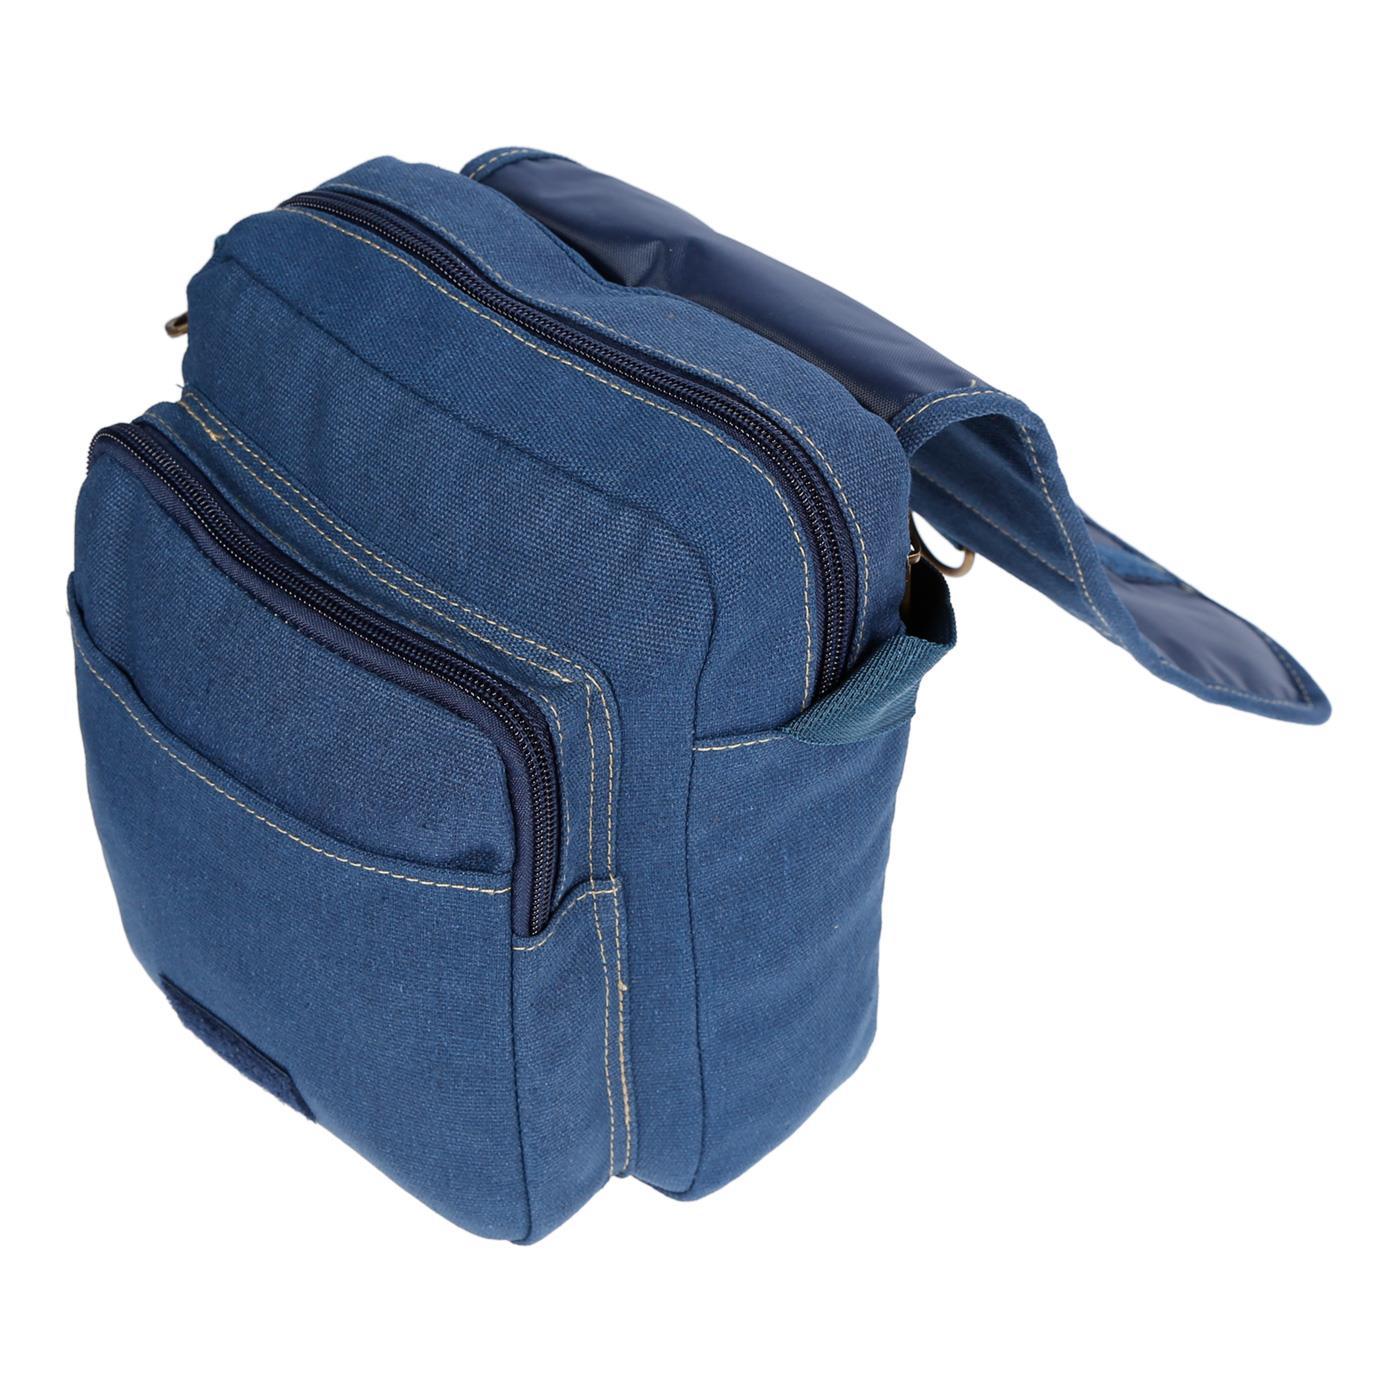 Damen-Herren-Tasche-Canvas-Umhaengetasche-Schultertasche-Crossover-Bag-Handtasche Indexbild 35